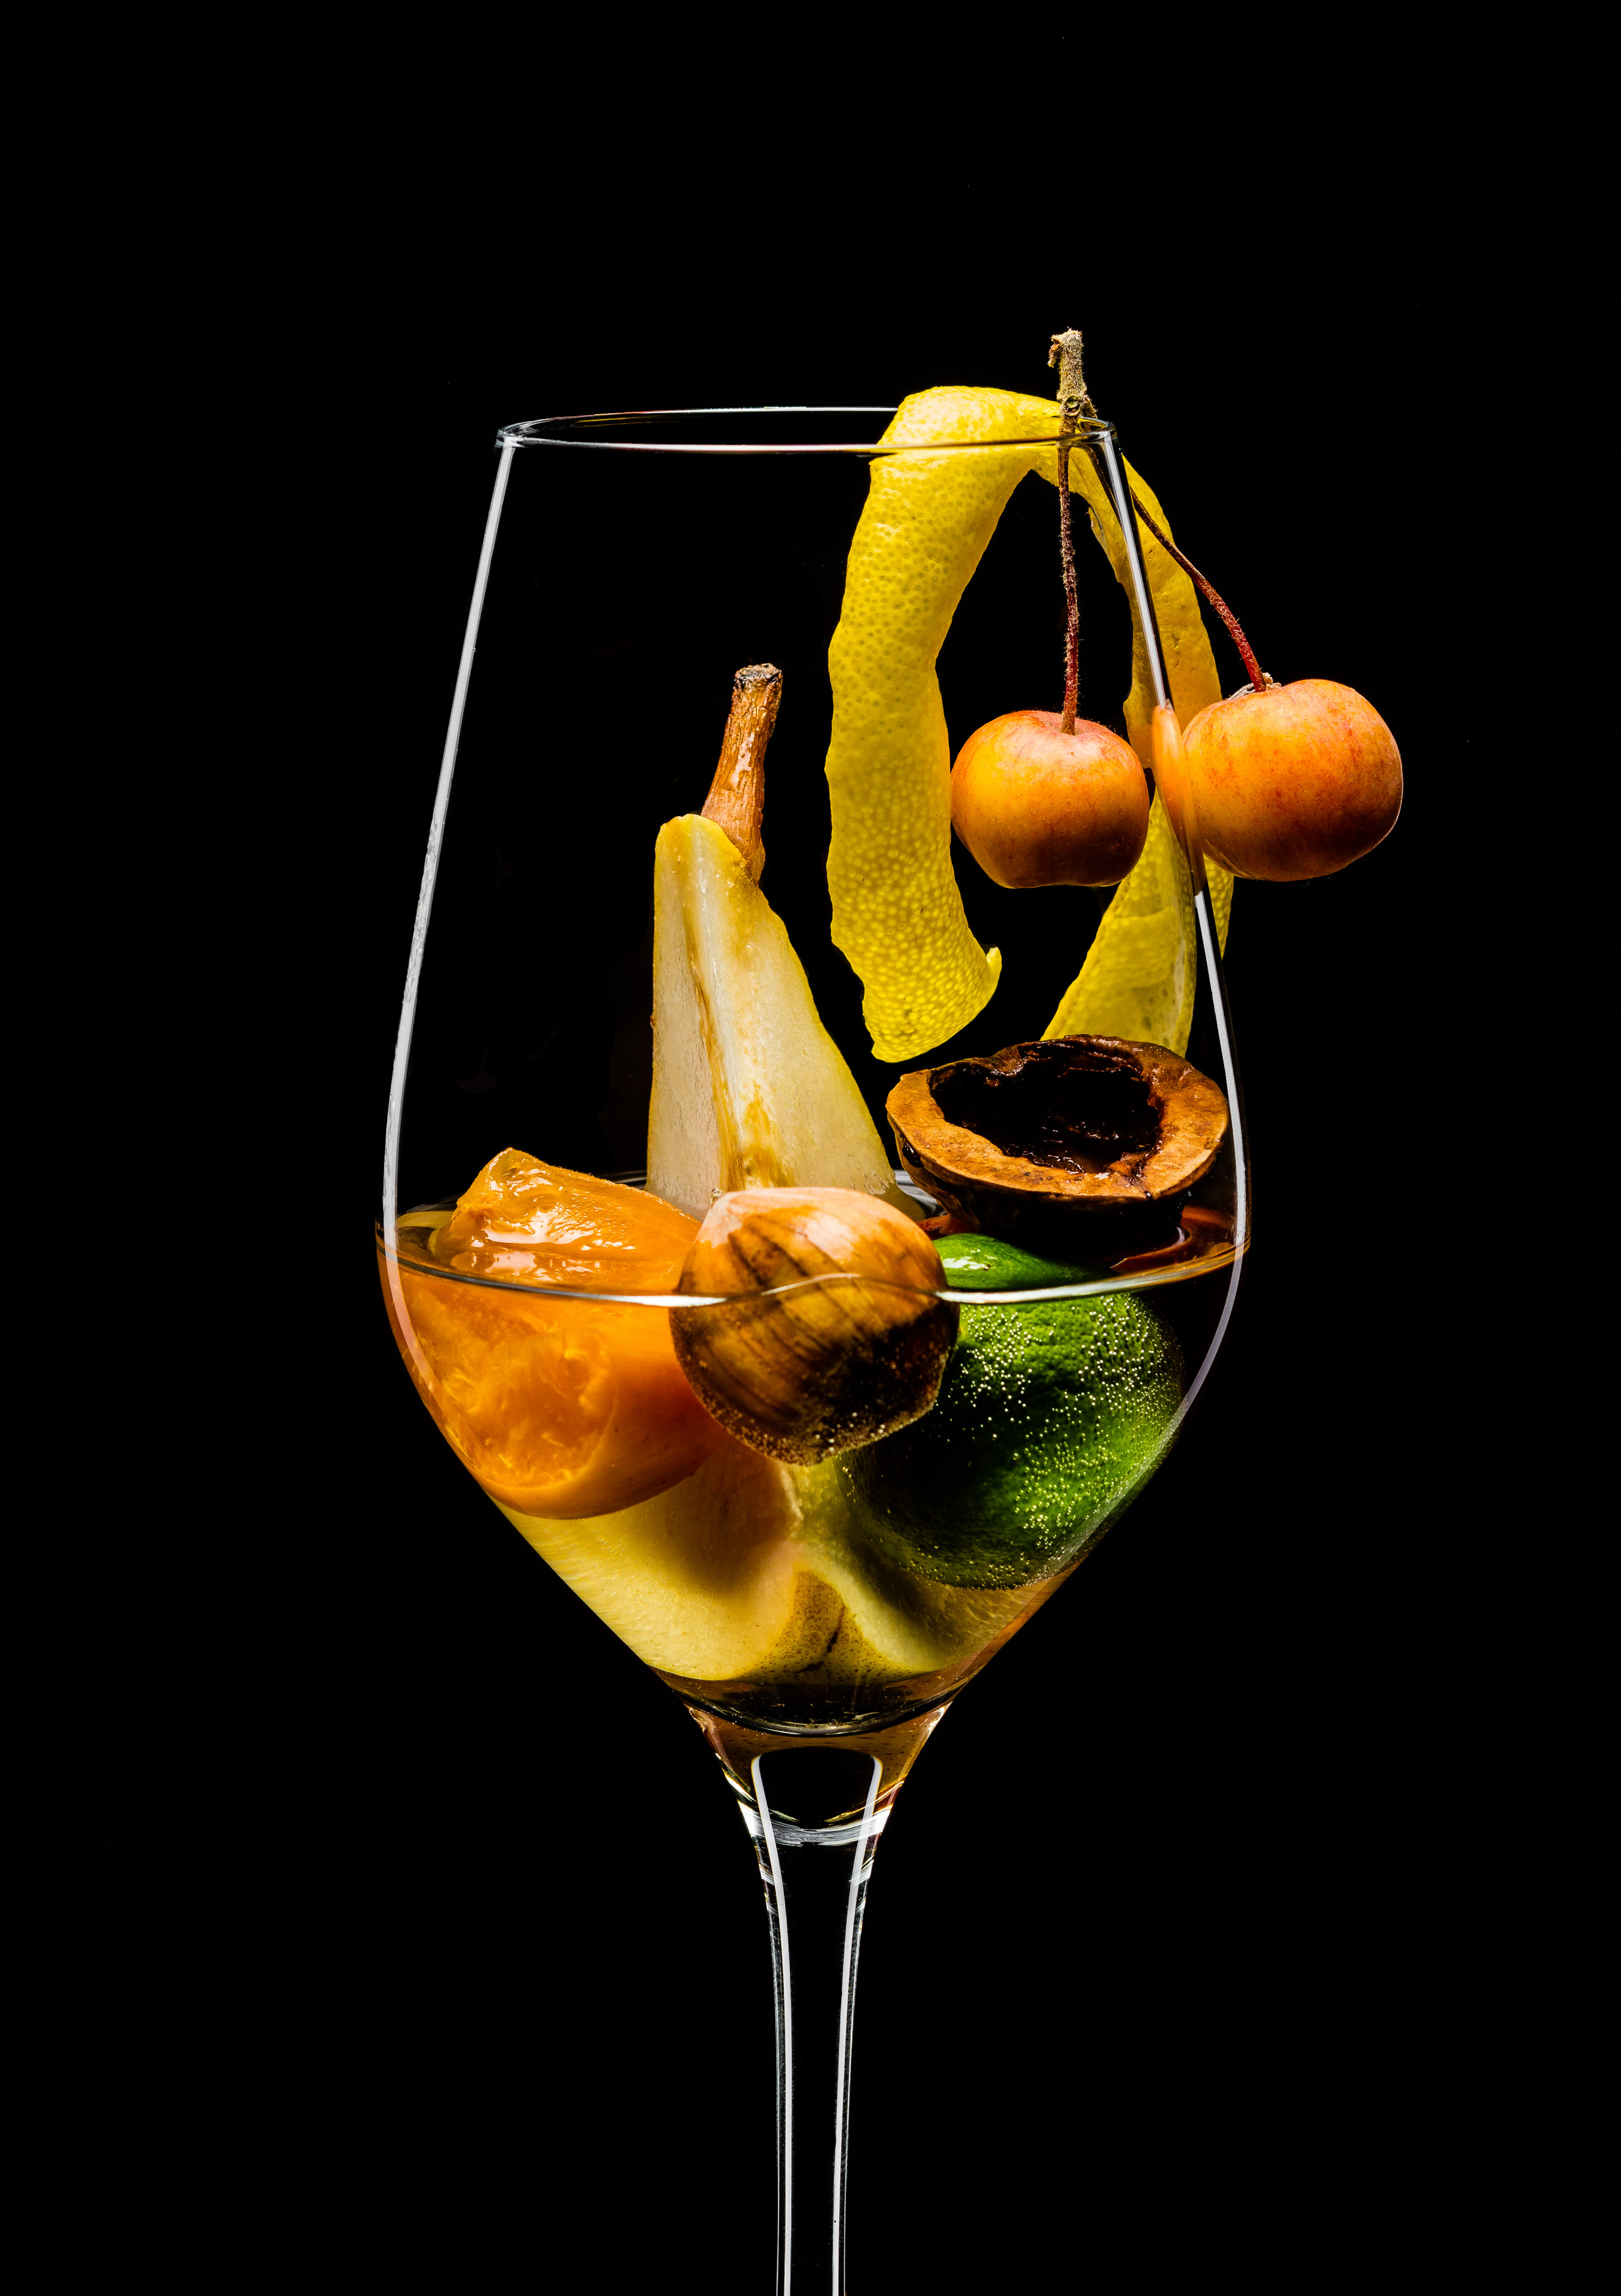 Crashkurs Wein 26: Pinot Grigio